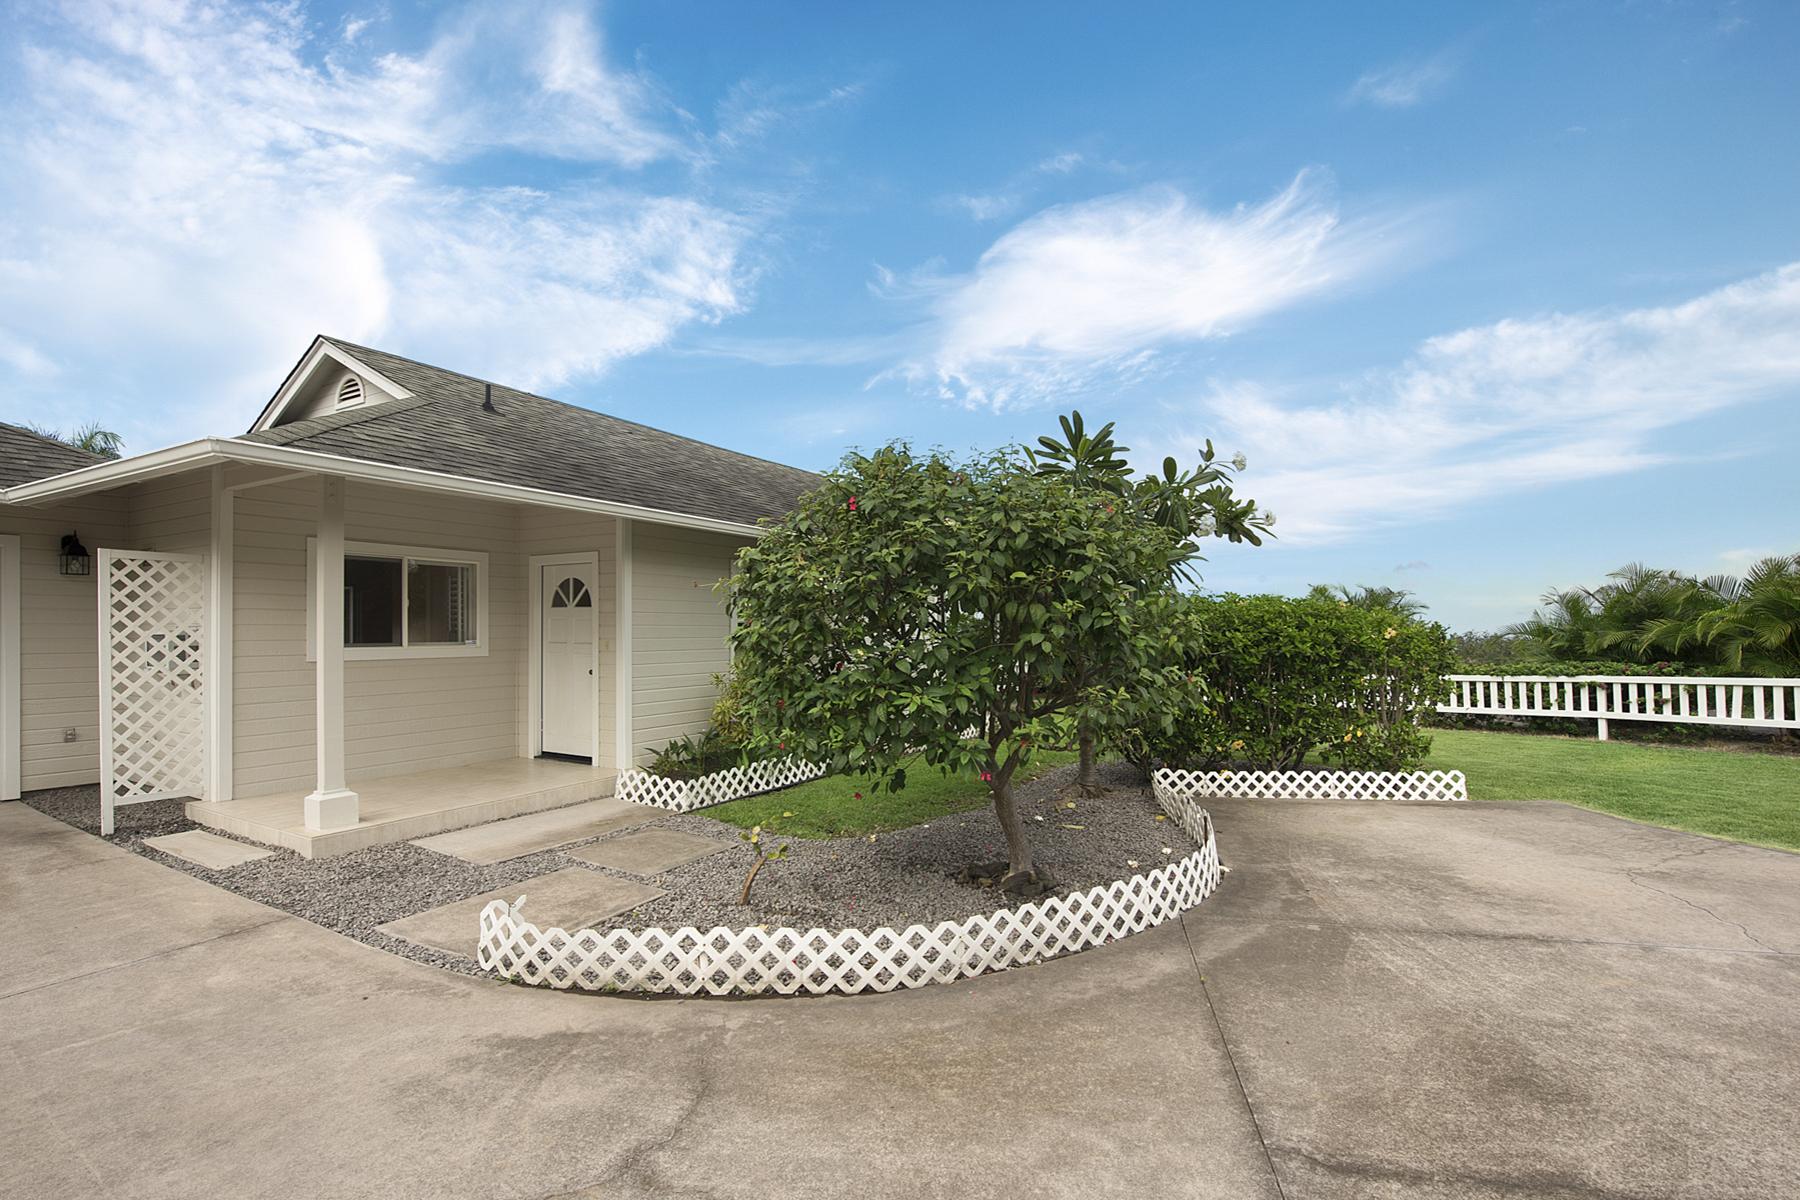 独户住宅 为 销售 在 Kealoha 75-308 W. Kakalina Pl 纳市, 夏威夷, 96740 美国